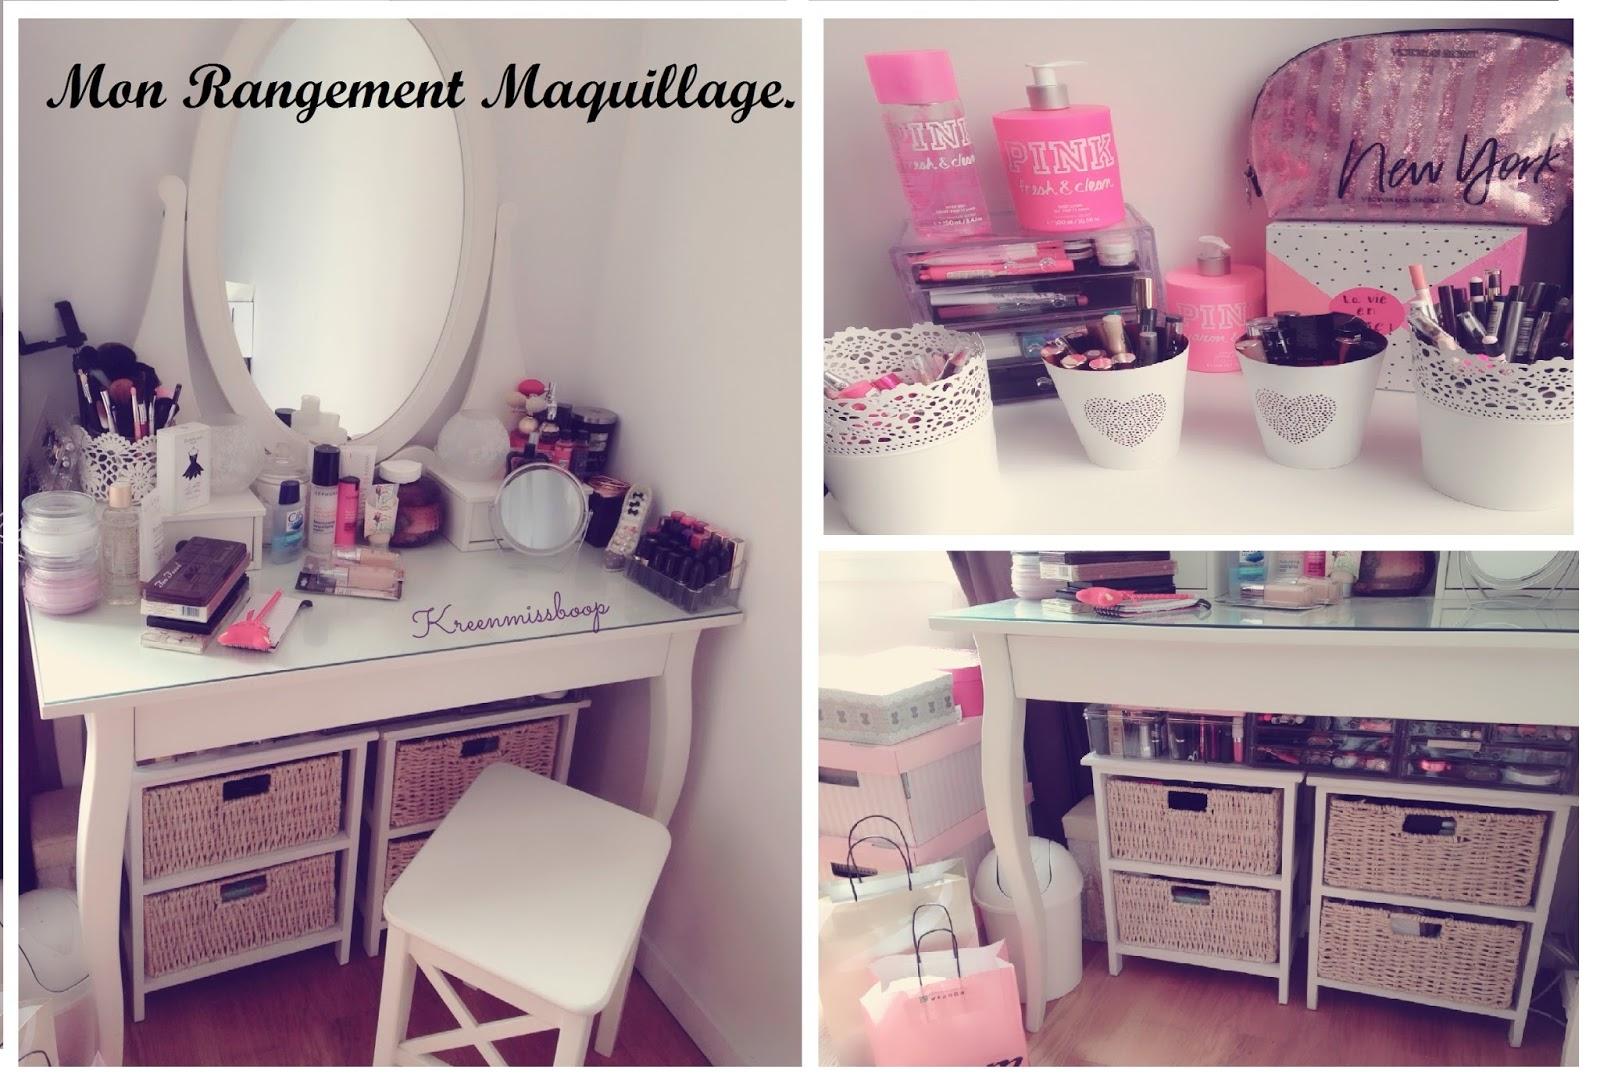 beauty blog plus size mon rangement maquillage juillet 2015 make up storage. Black Bedroom Furniture Sets. Home Design Ideas